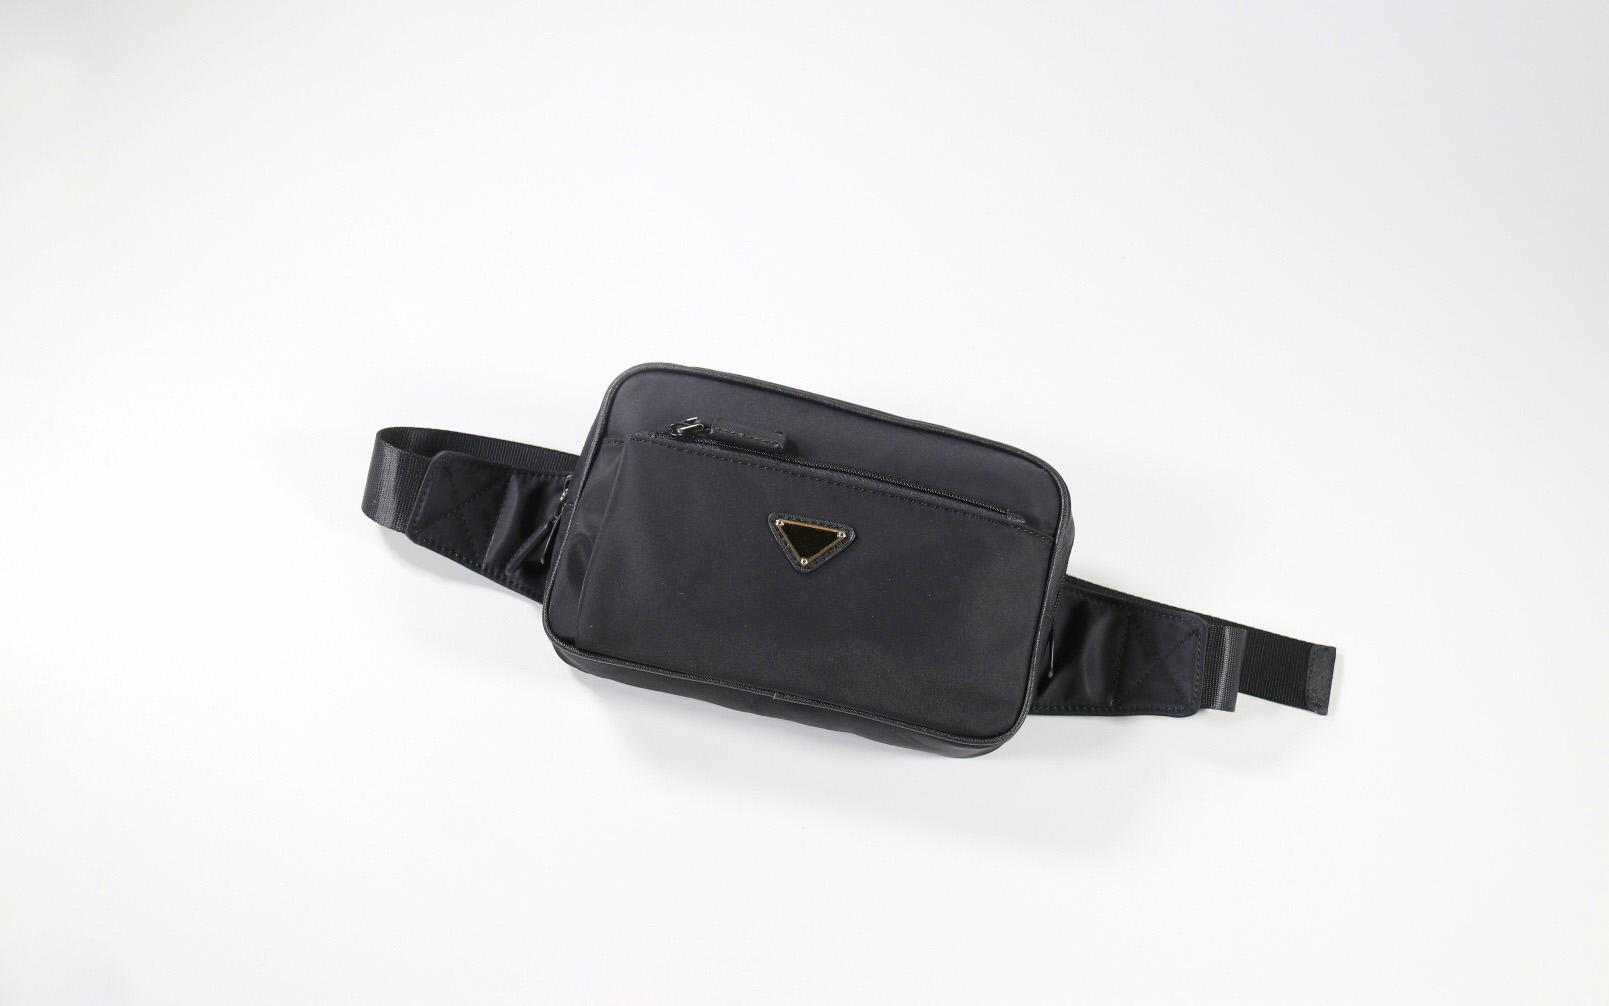 diseño de lujo del diseñador backpacks los hombres bolso del pecho para mujer de la cintura bolsas para hombres y mujeres más vendido